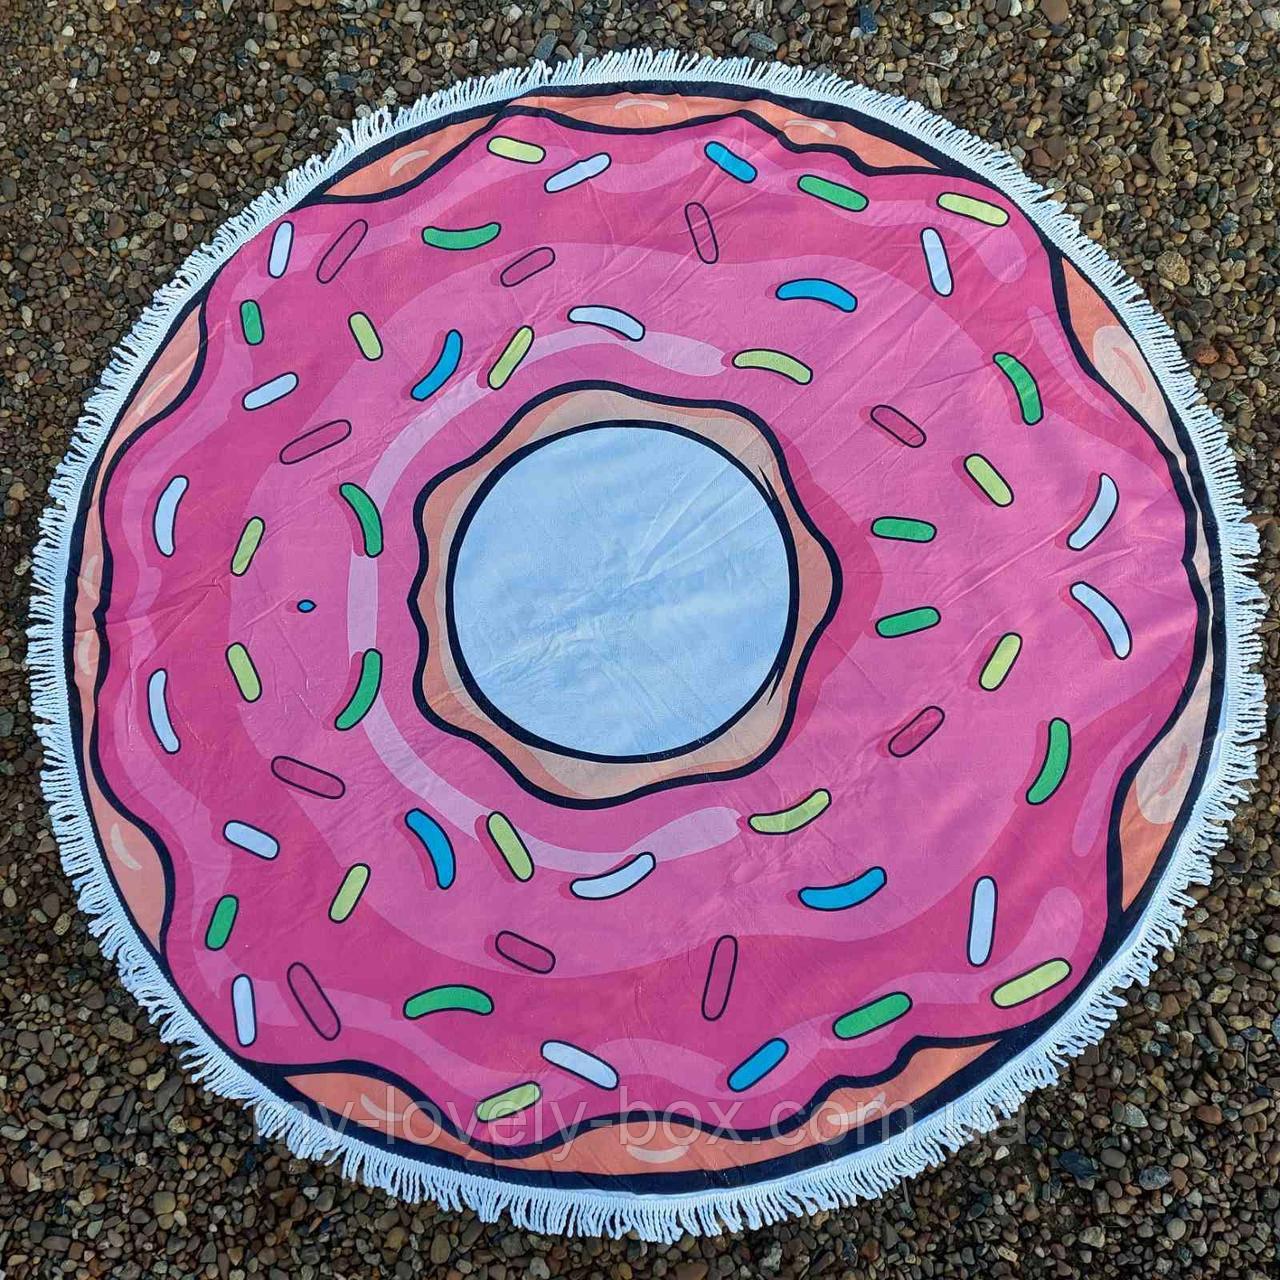 Полотенце-коврик пляжное круглое пончик (Арт. TPA113/2)